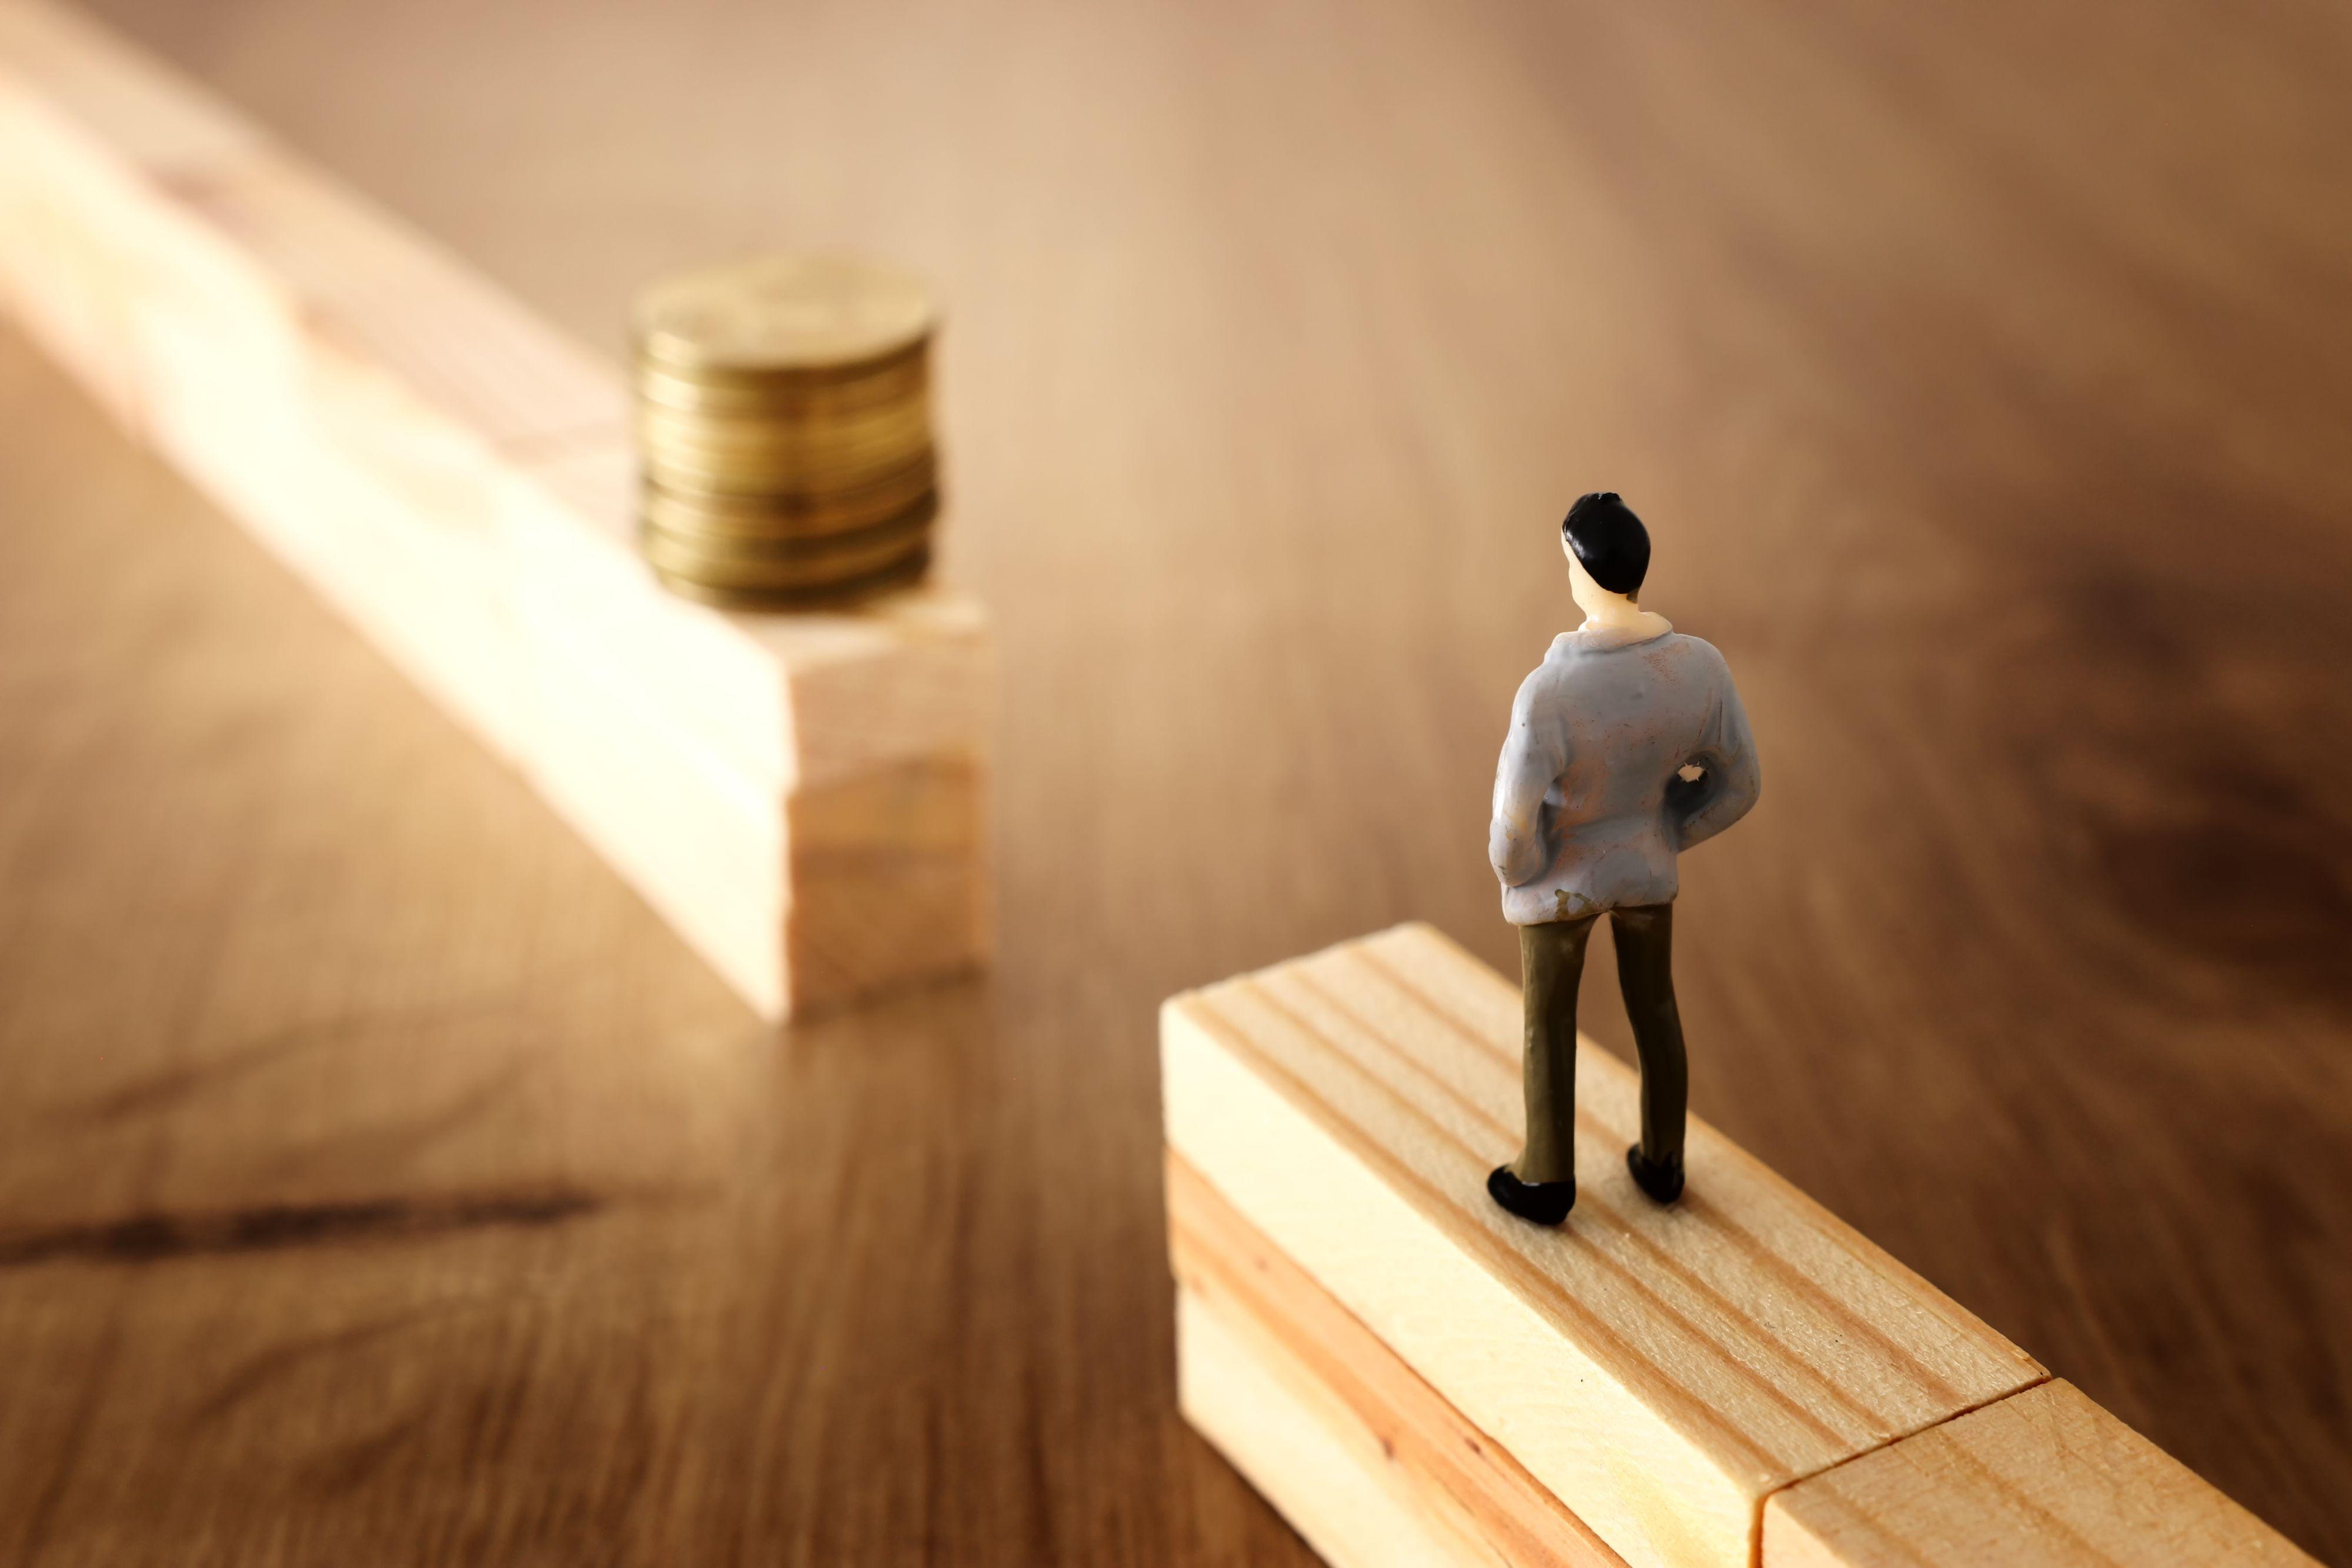 Przez ostatnie trzy lata wynagrodzenia w Polsce rosły realnie o 5,6 proc. rocznie. To jeden z najwyższych wskaźników dynamiki wśród krajów UE (Fot. Shutterstock)